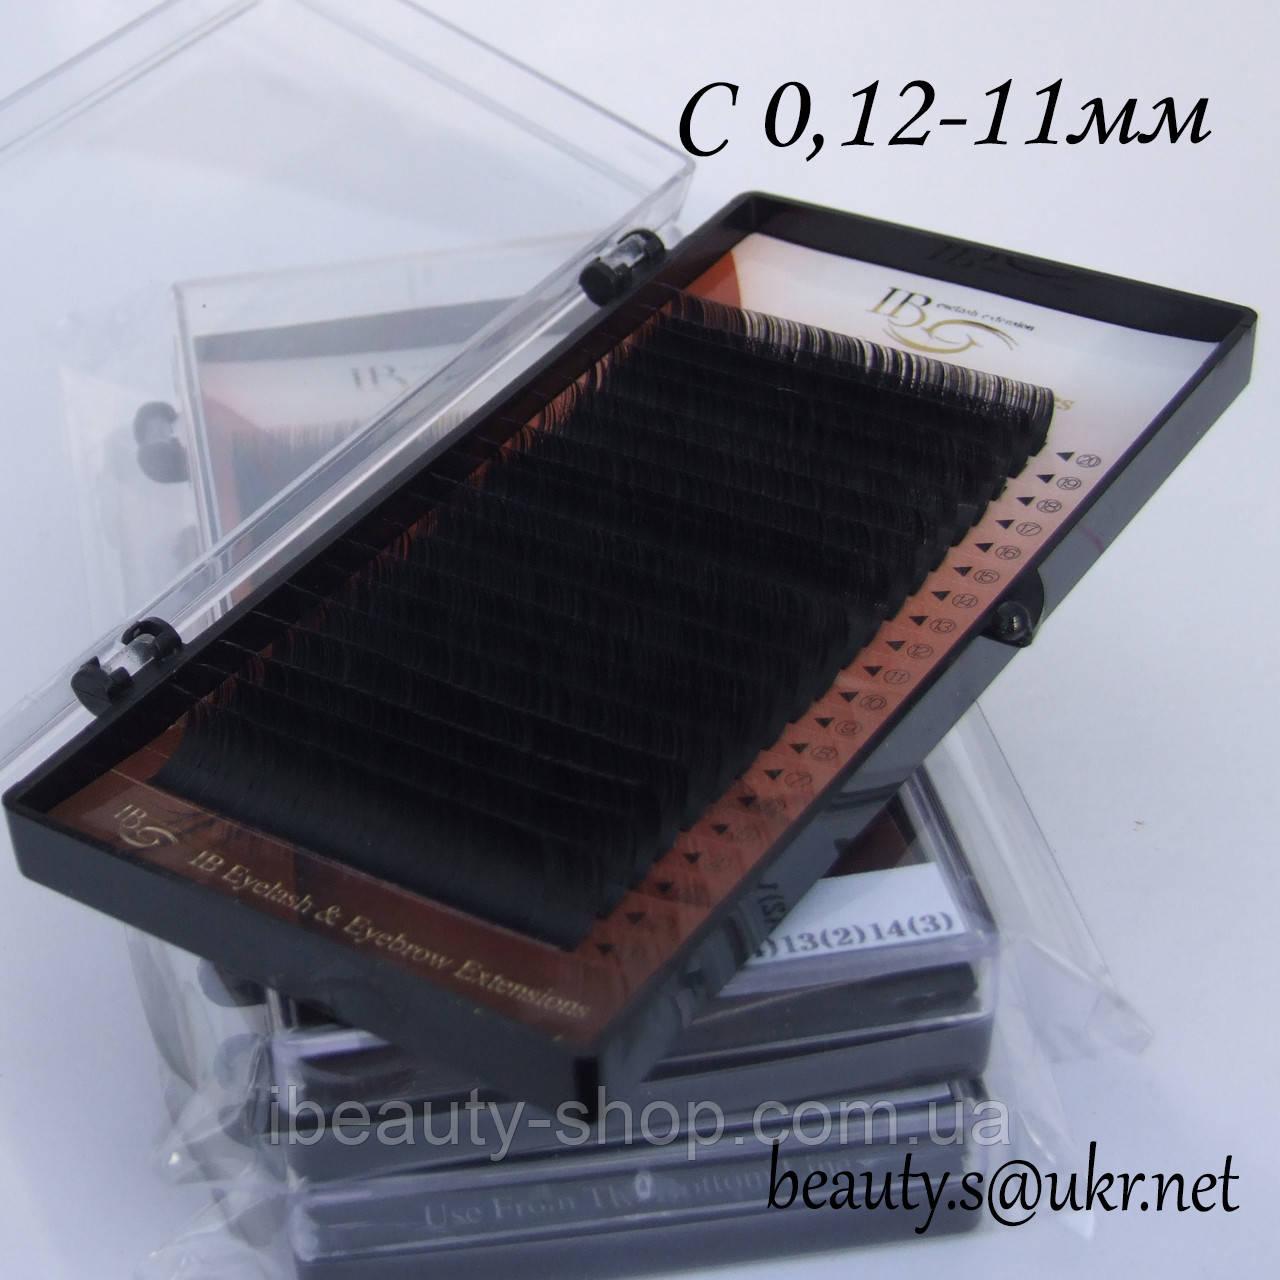 Ресницы  I-Beauty на ленте С-0,12 11мм